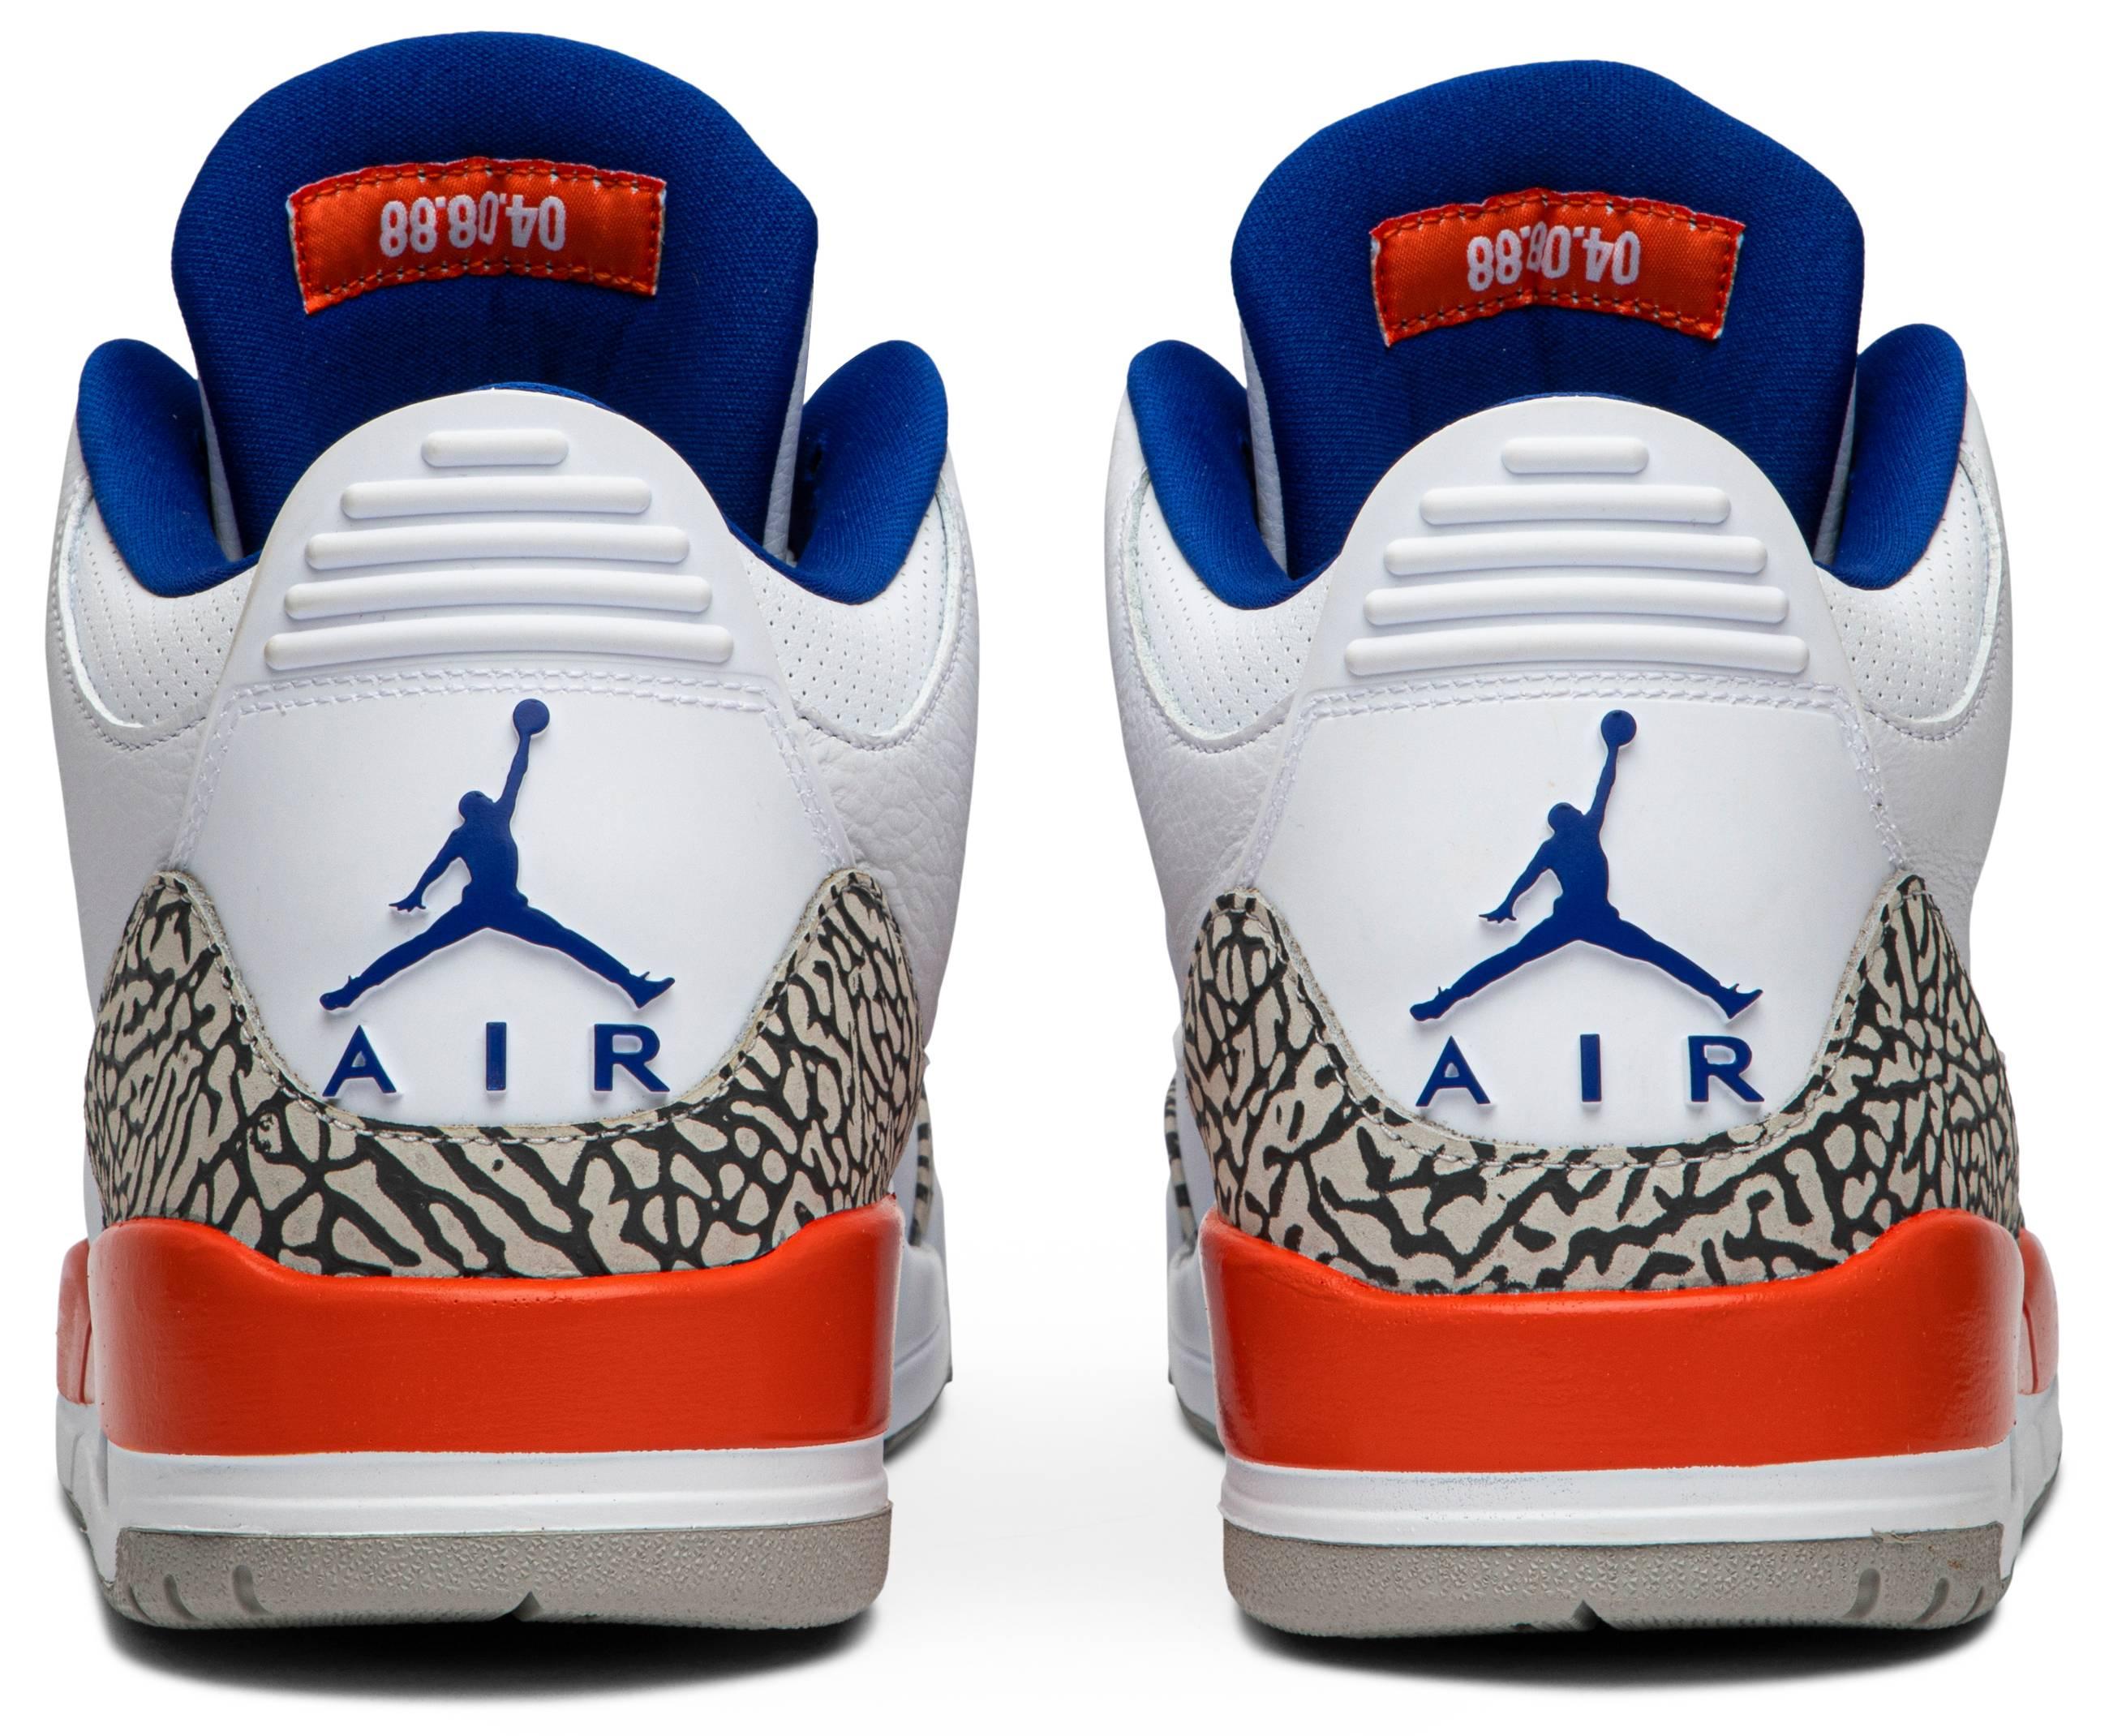 Air Jordan 3 'Knicks' 136064-14 (Heel)